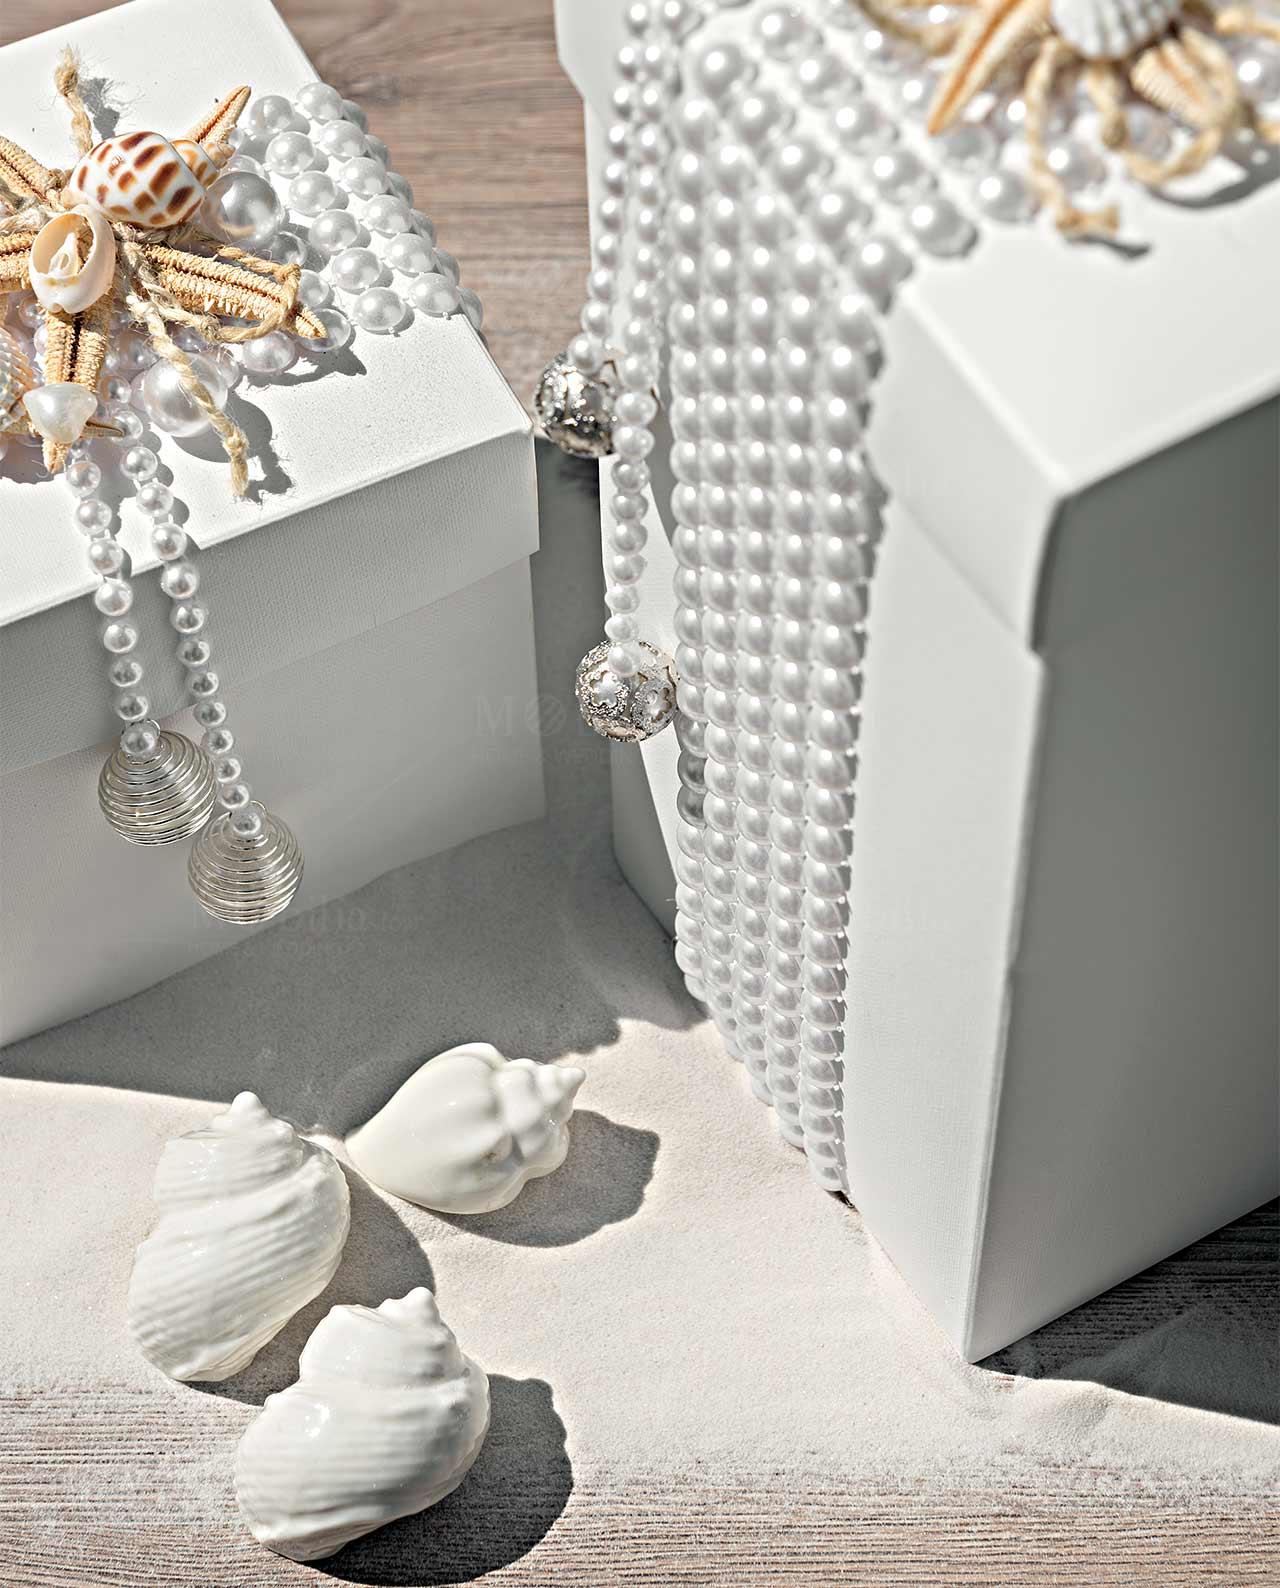 Decorazioni con conchiglie di mare di parete vuota - Decorazioni marine fai da te ...